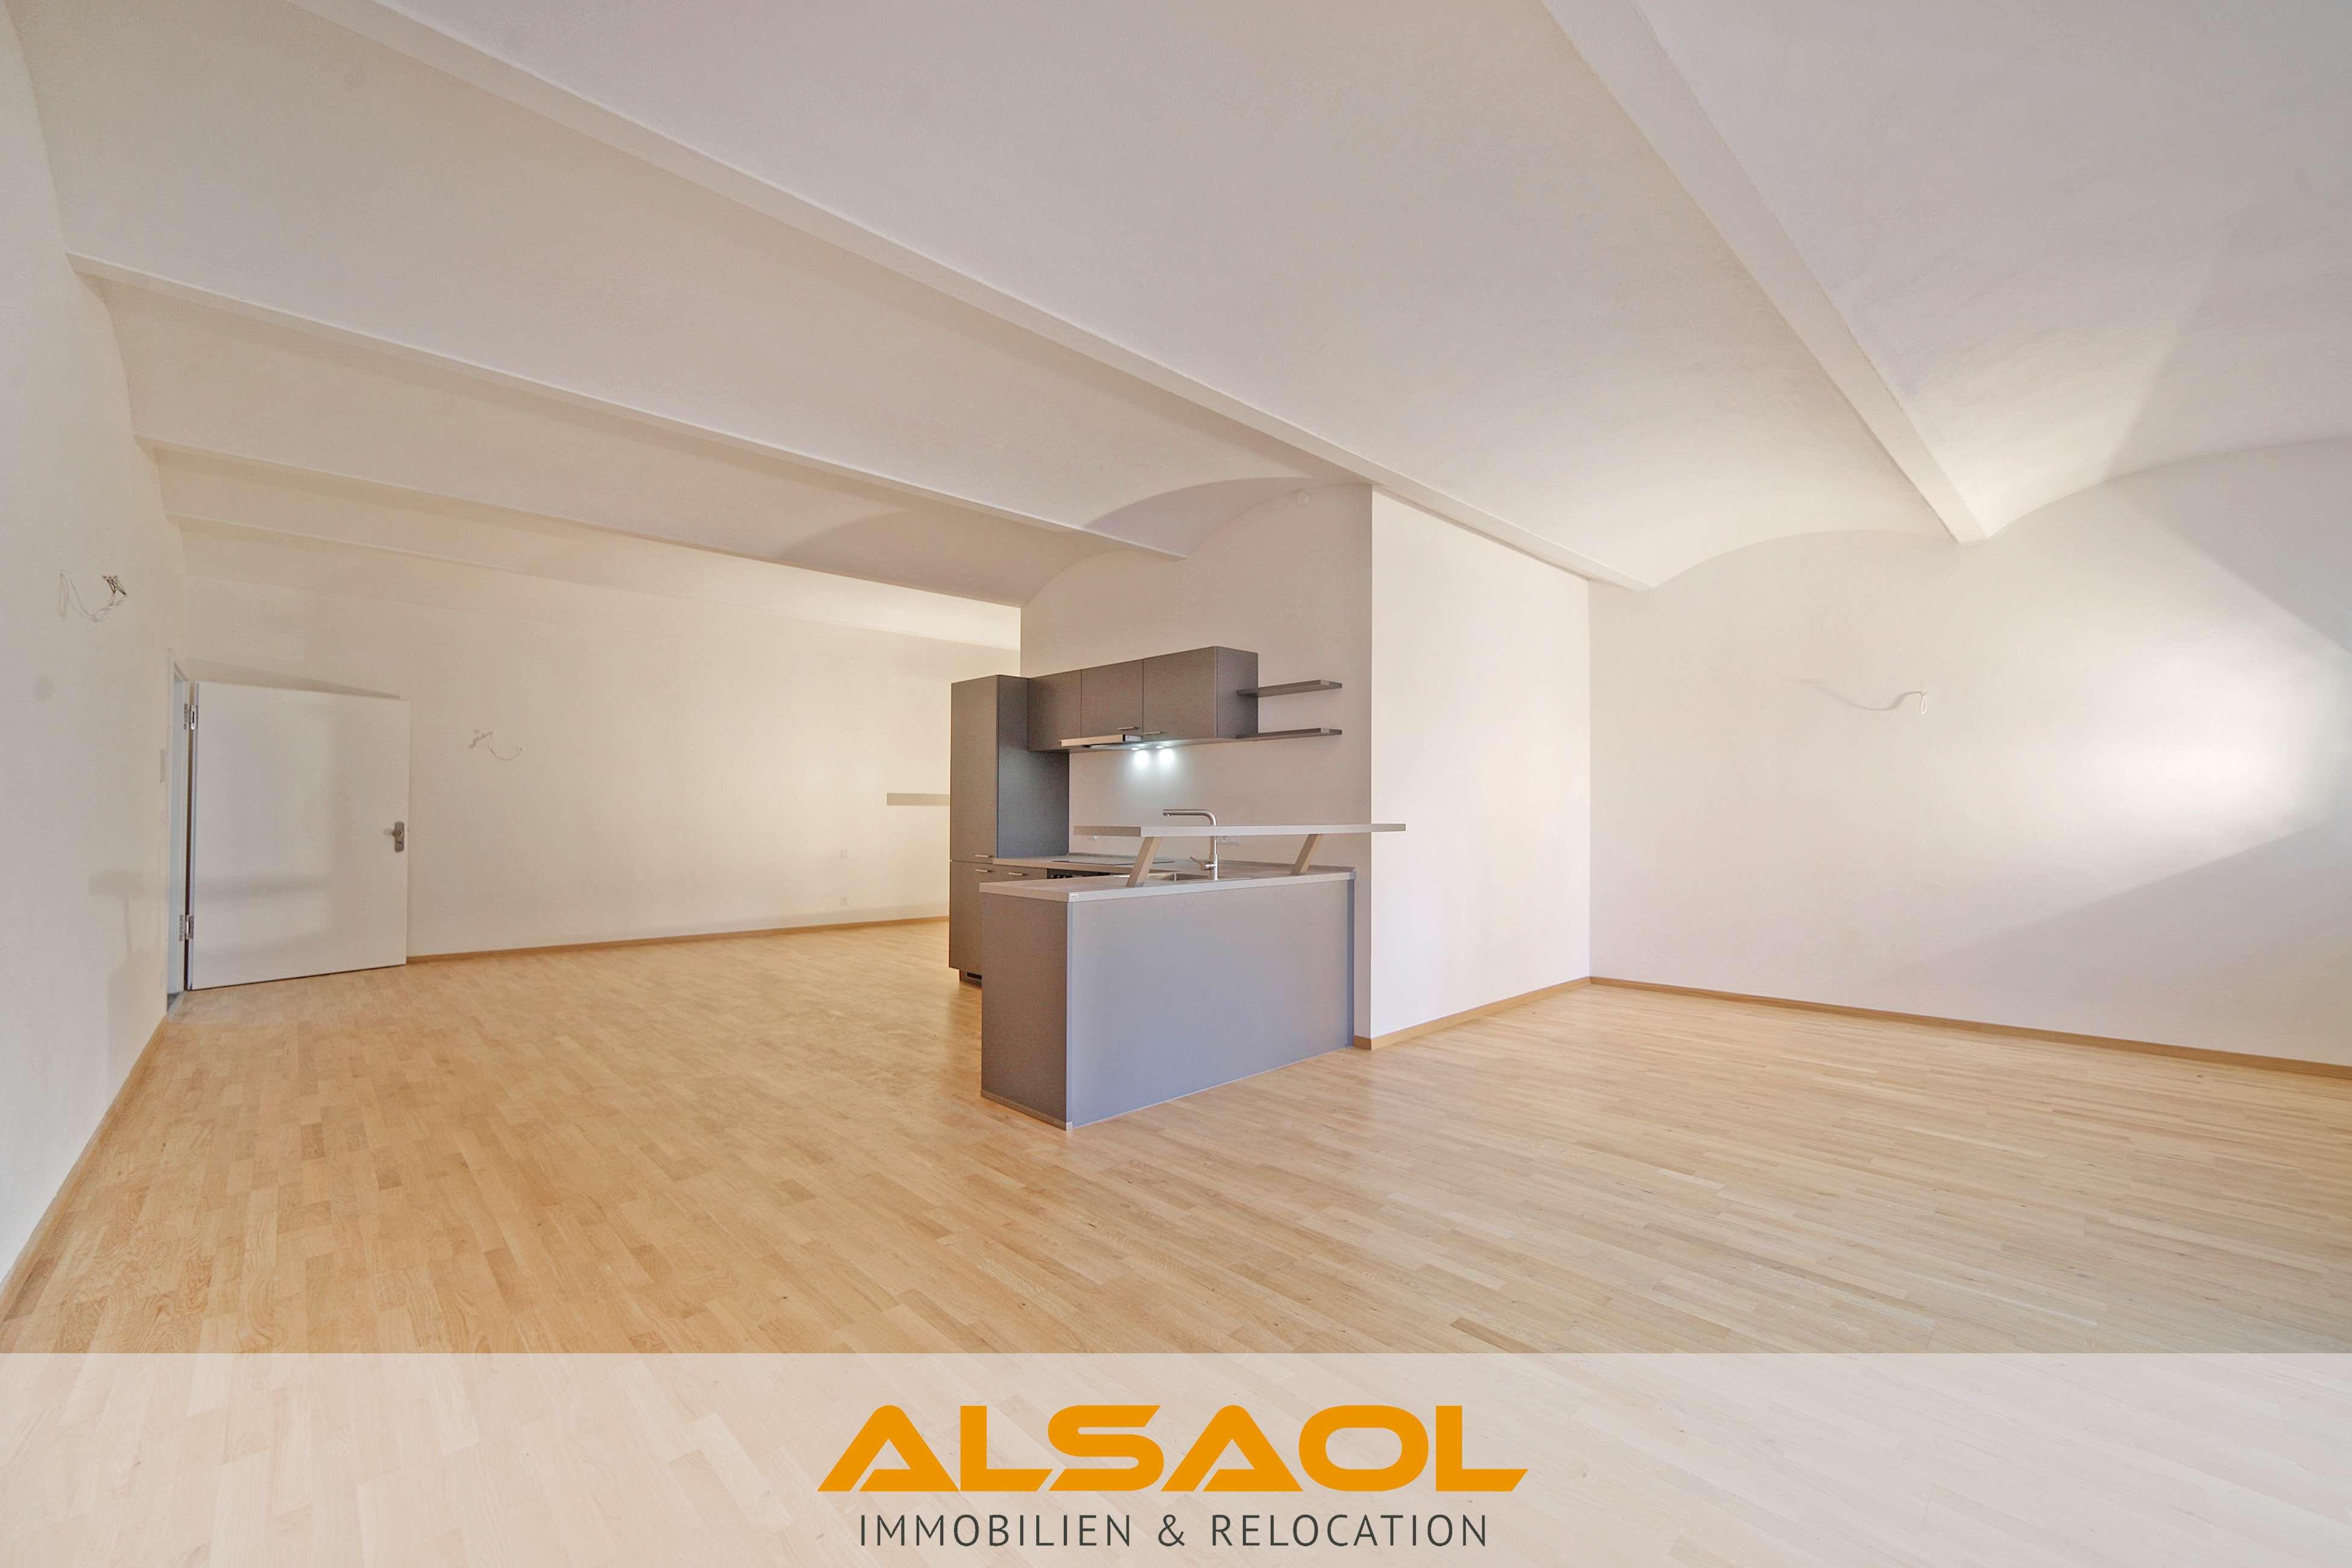 ALSAOL Immobilien: Erstbezug nach Sanierung - charmantes Altbauloft mit Terrasse in